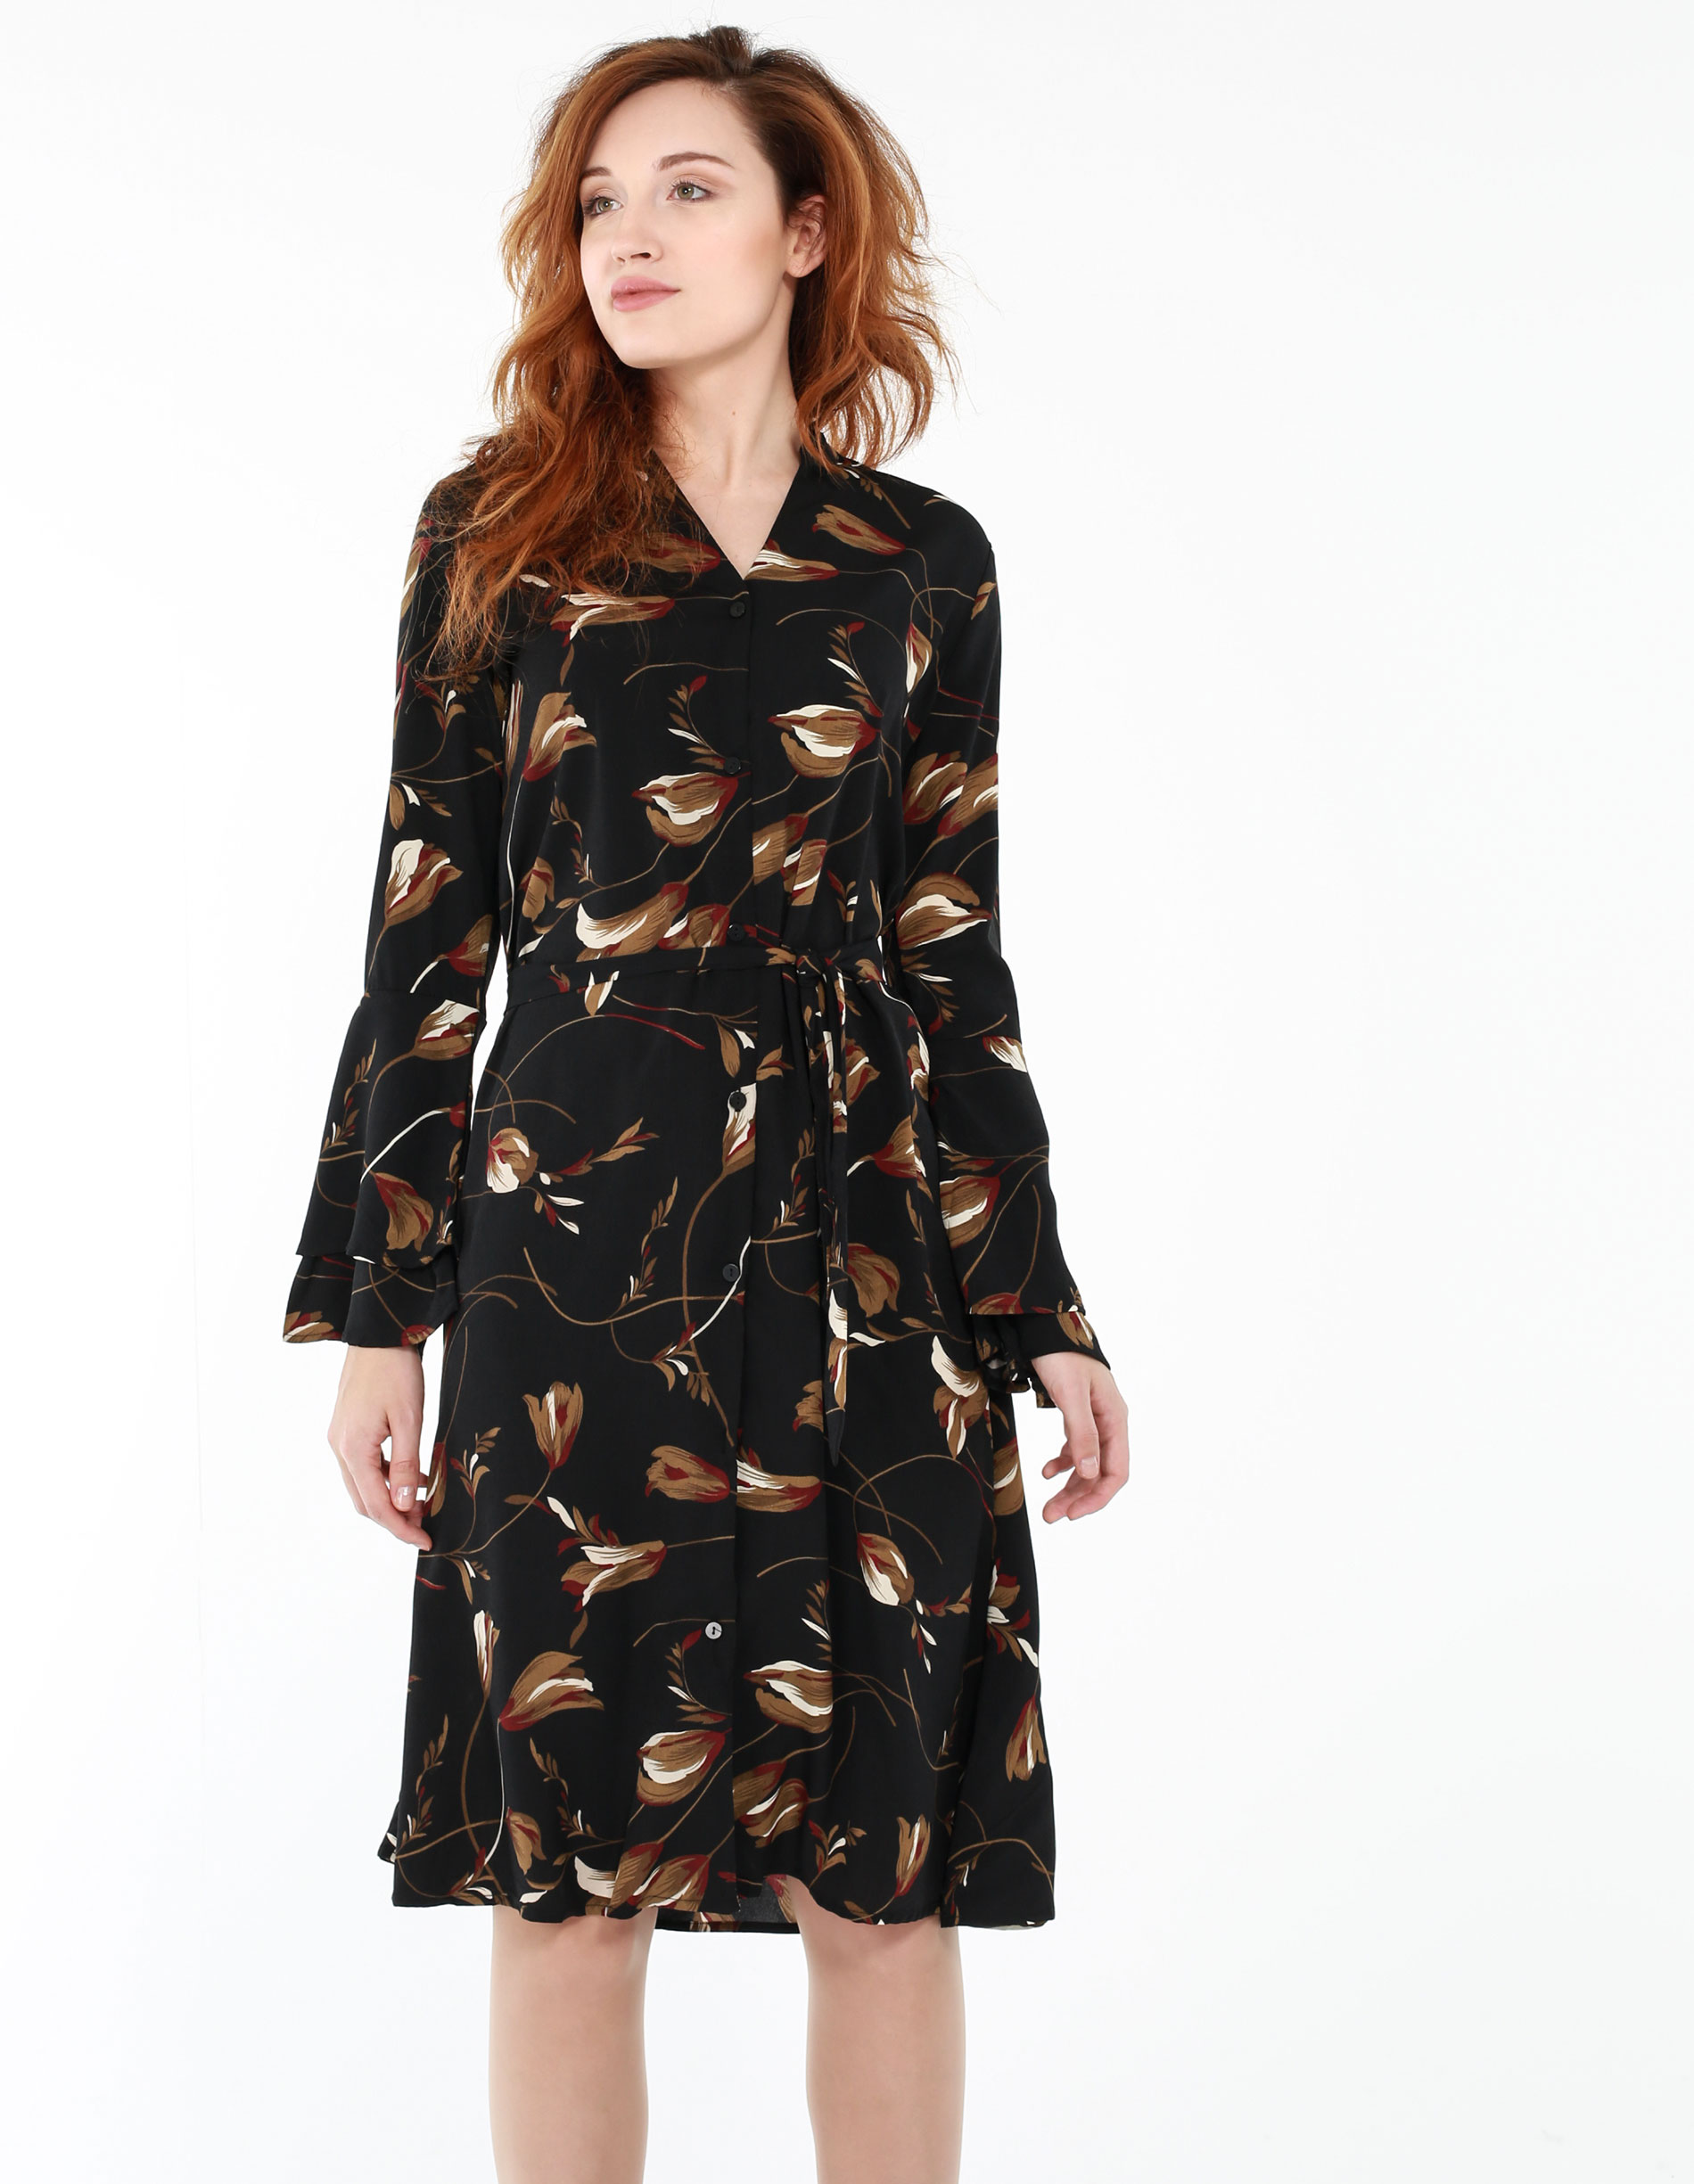 Sukienka - 134-2776 NERO - Unisono